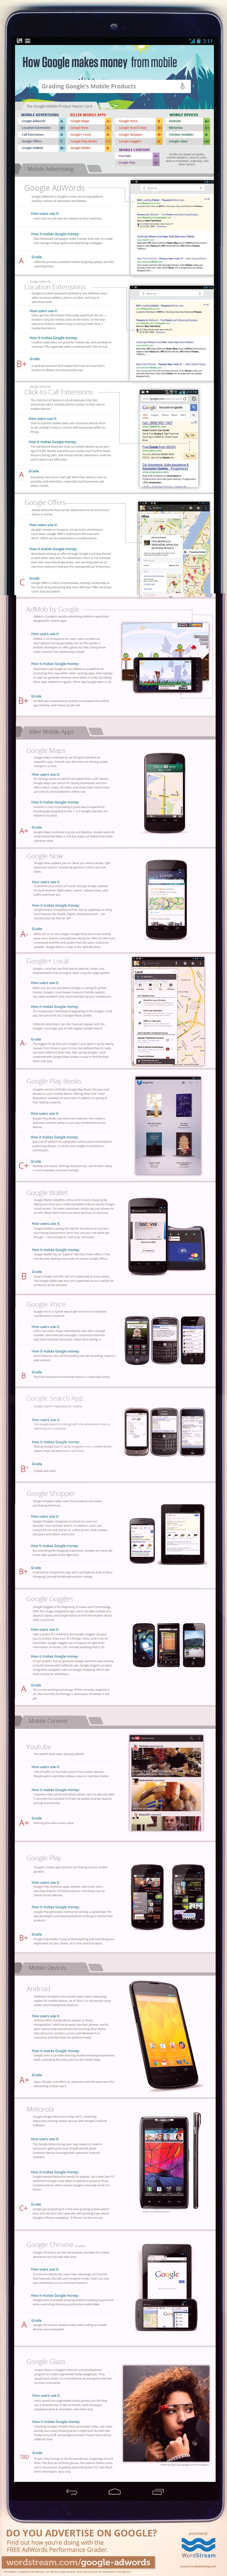 [#Infografica] Google e i suoi guadagni nel mondo #mobile